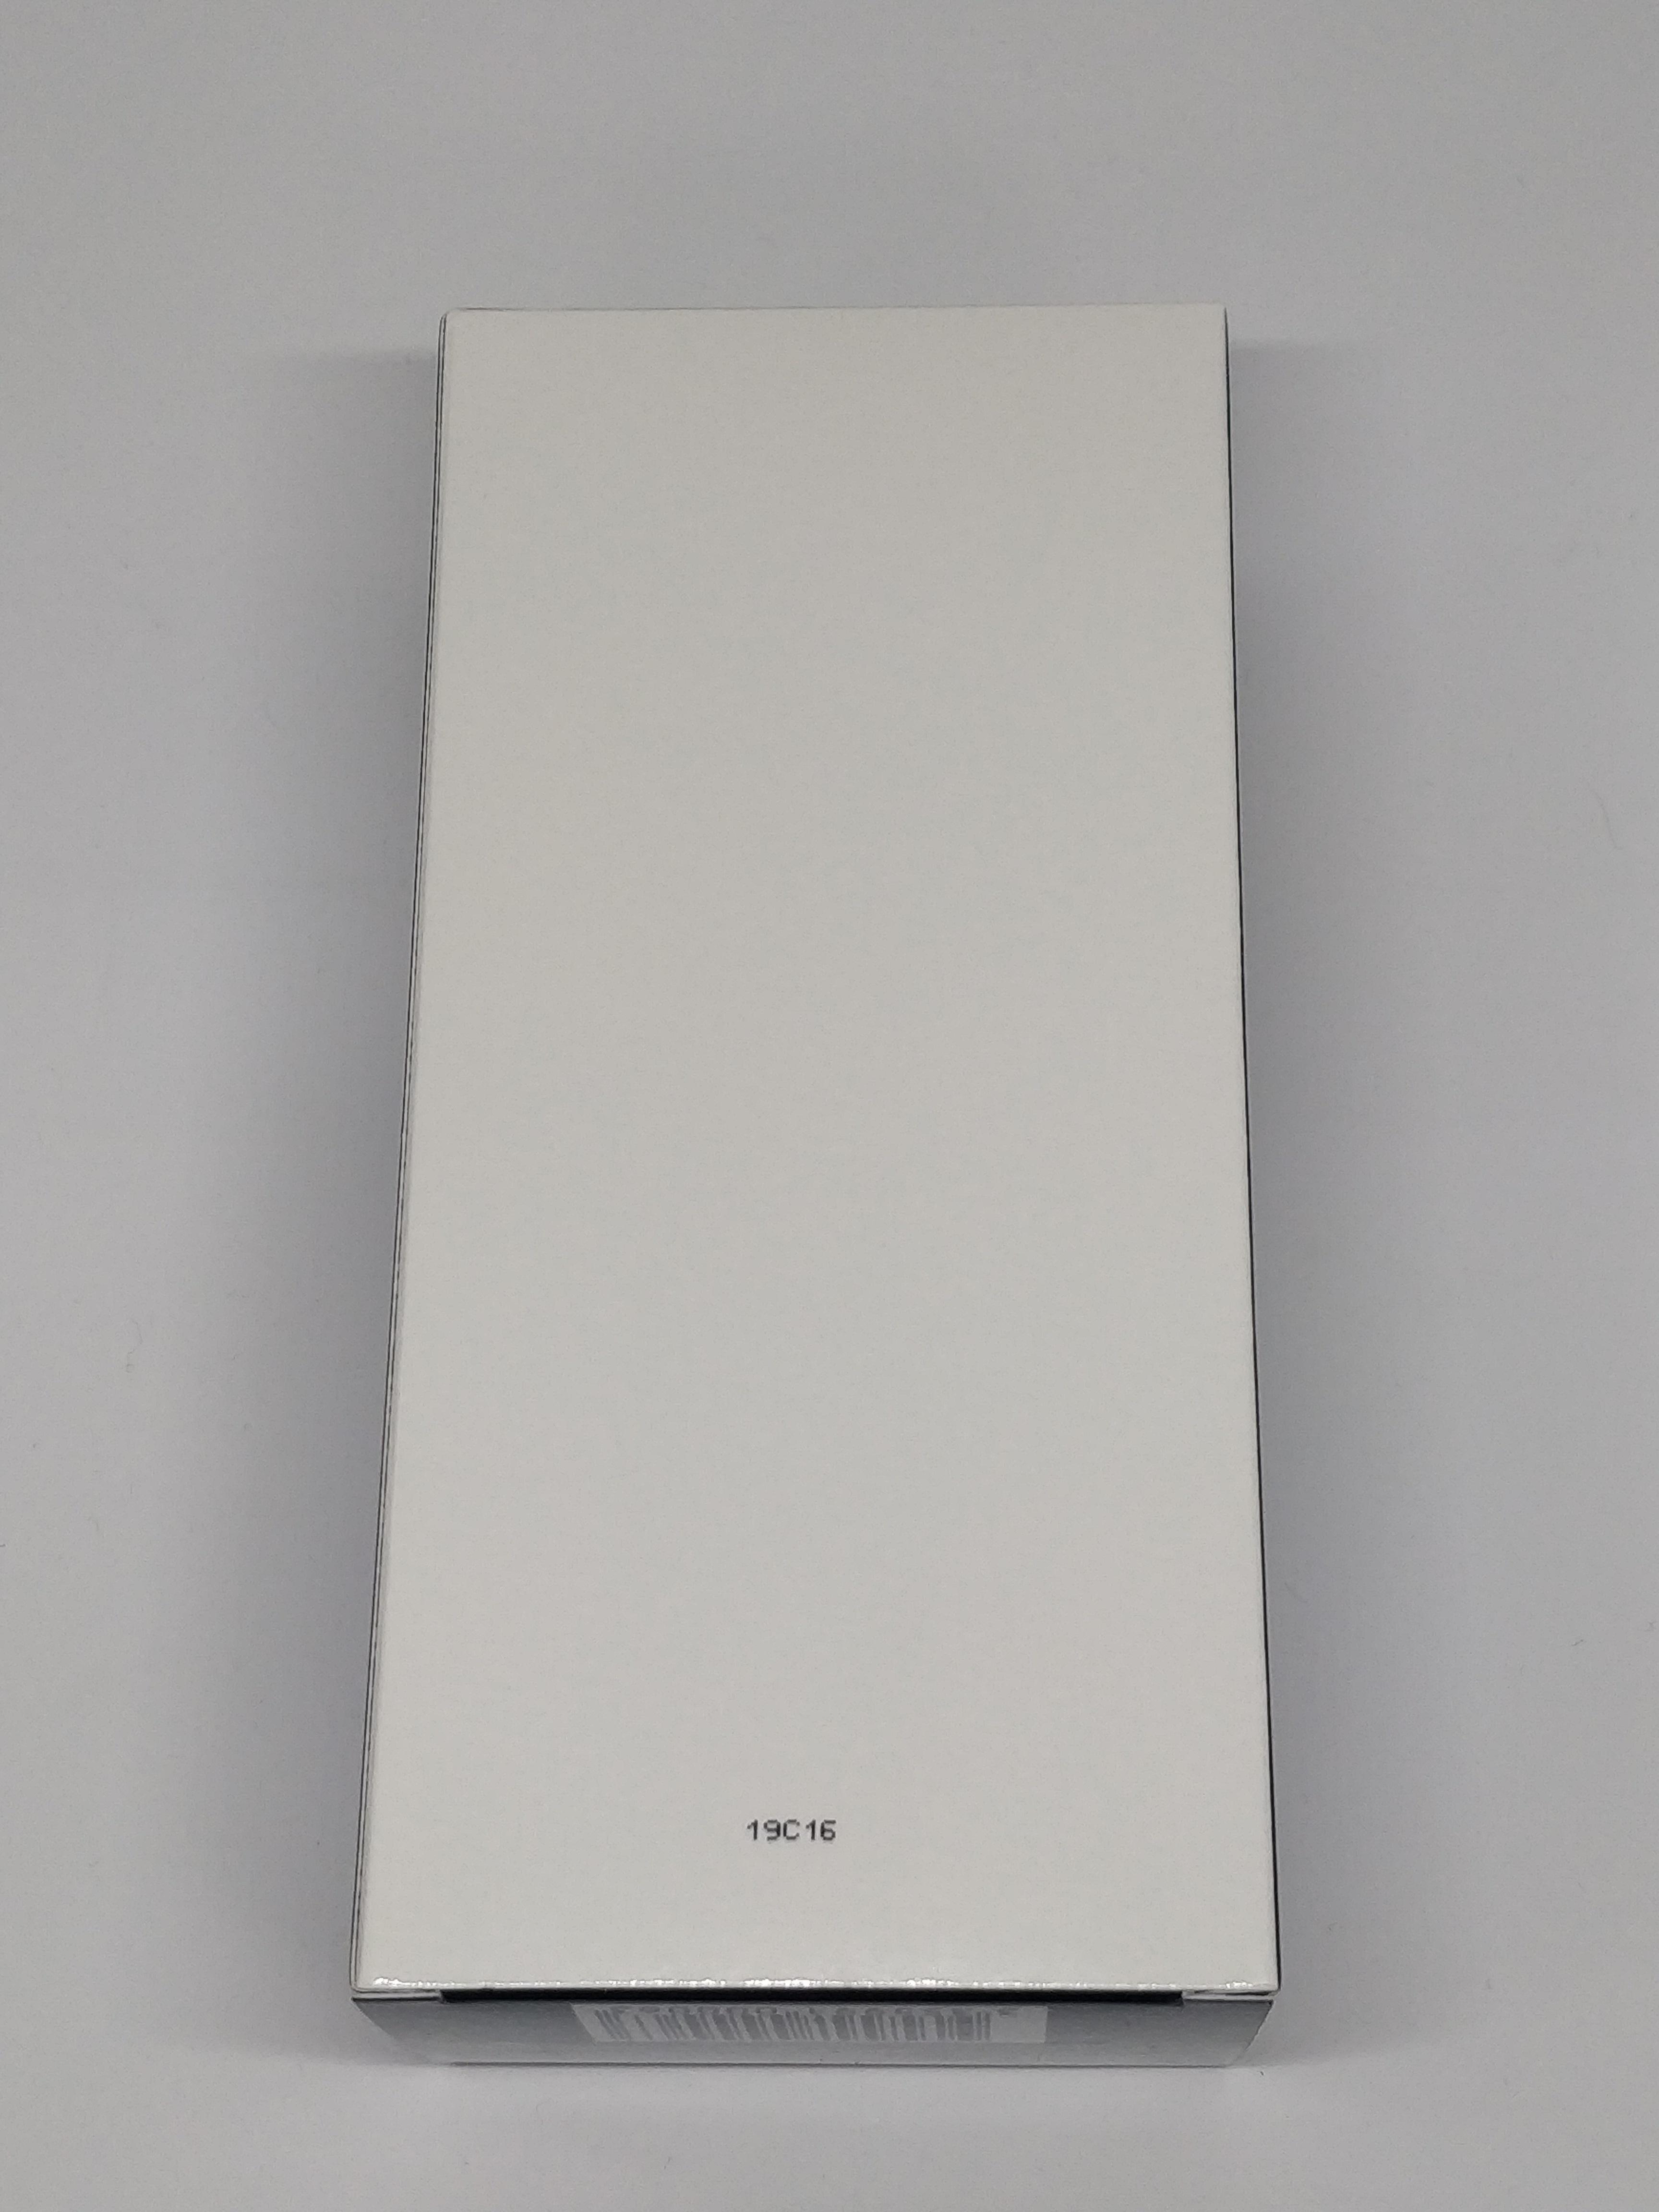 Туалетная вода 90 мл Jacques Bogart Bogart - фото батч-кода на коробке